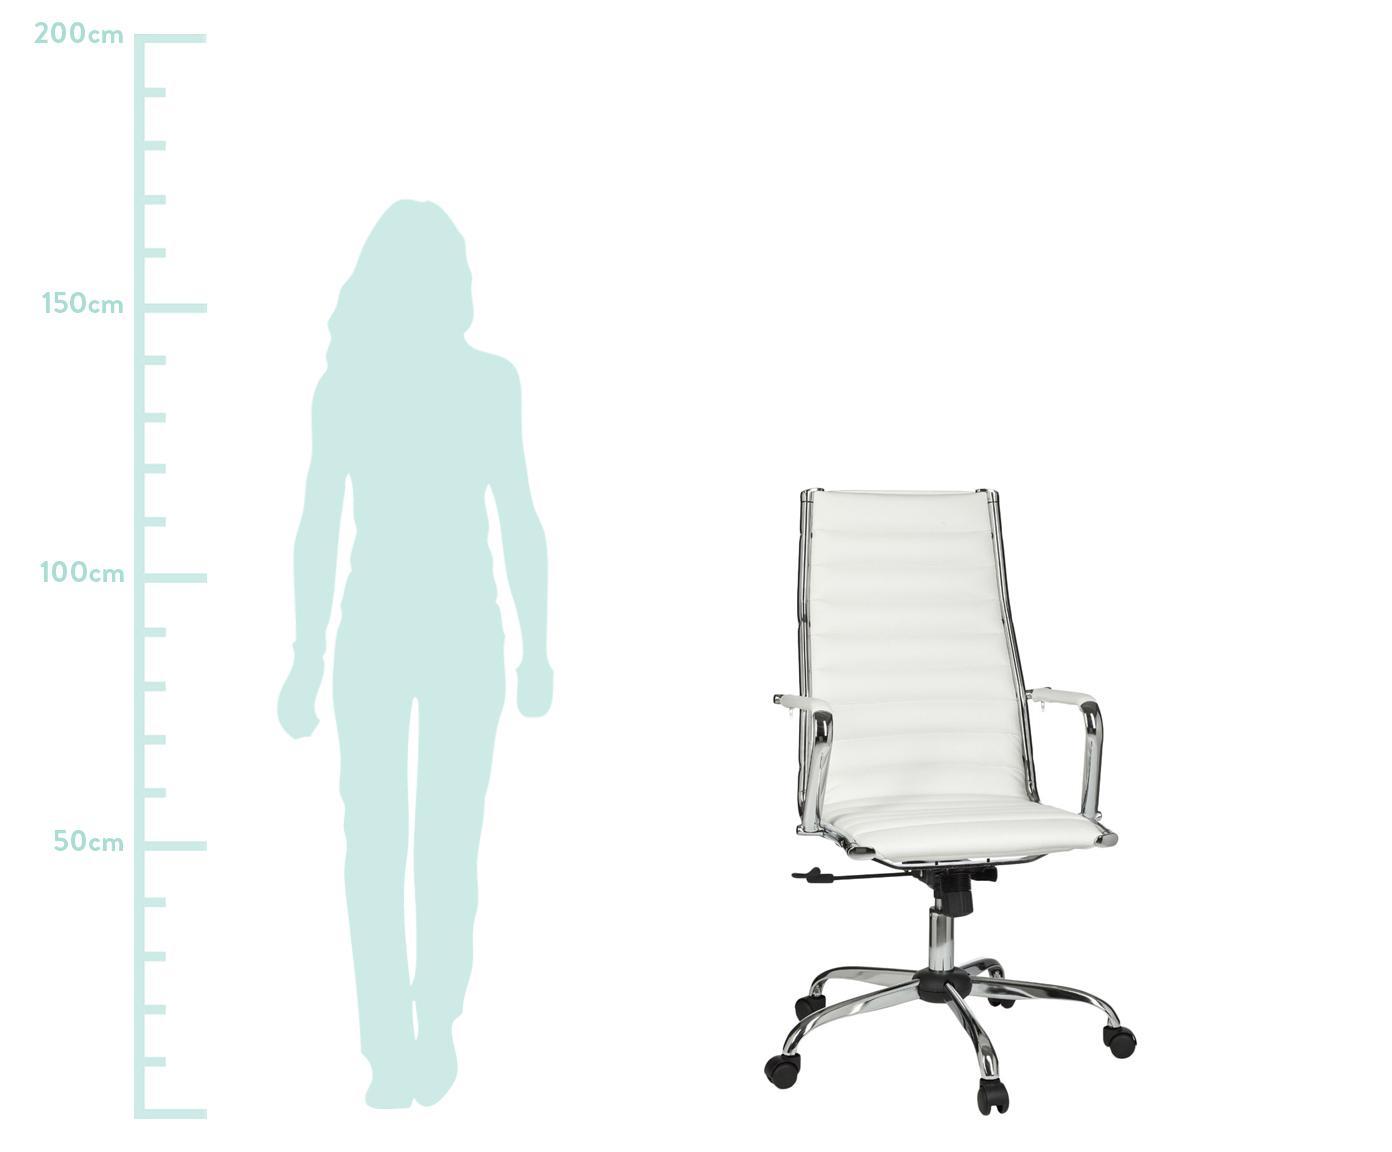 Bureaustoel Amstyle, in hoogte verstelbaar, Bekleding: kunstleer, Frame: verchroomd metaal, Wit, chroomkleurig, 60 x 62 cm